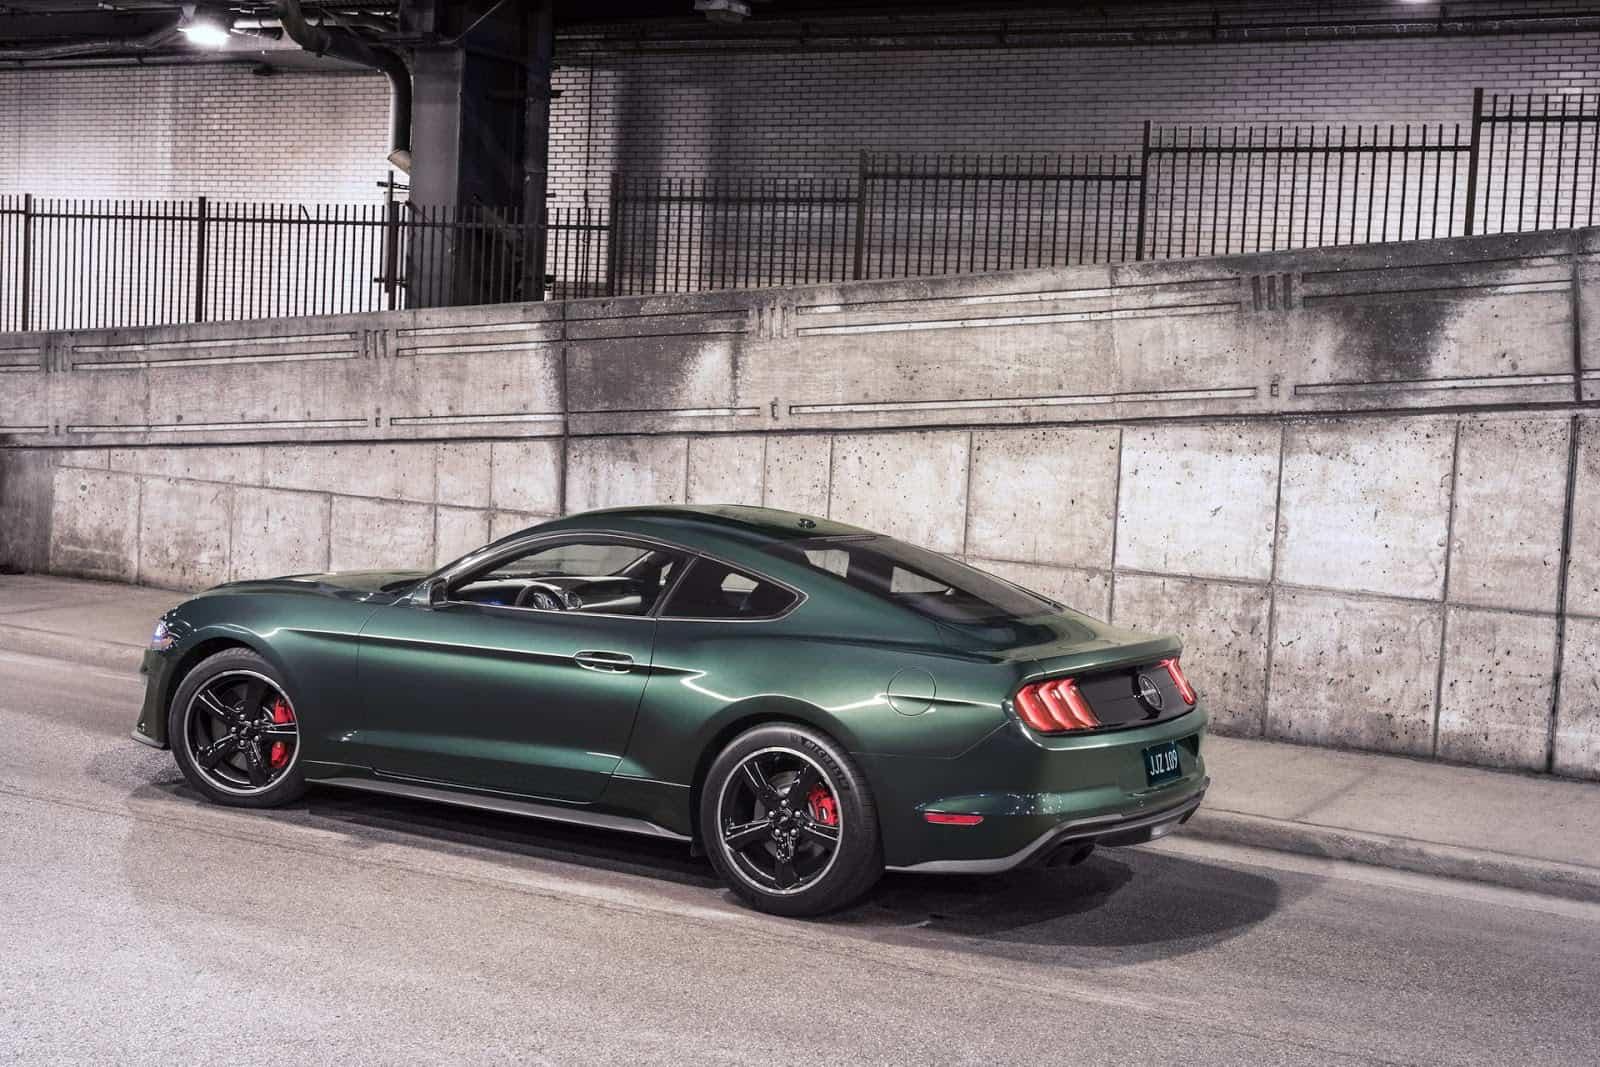 2019 Ford Mustang Bullit 5